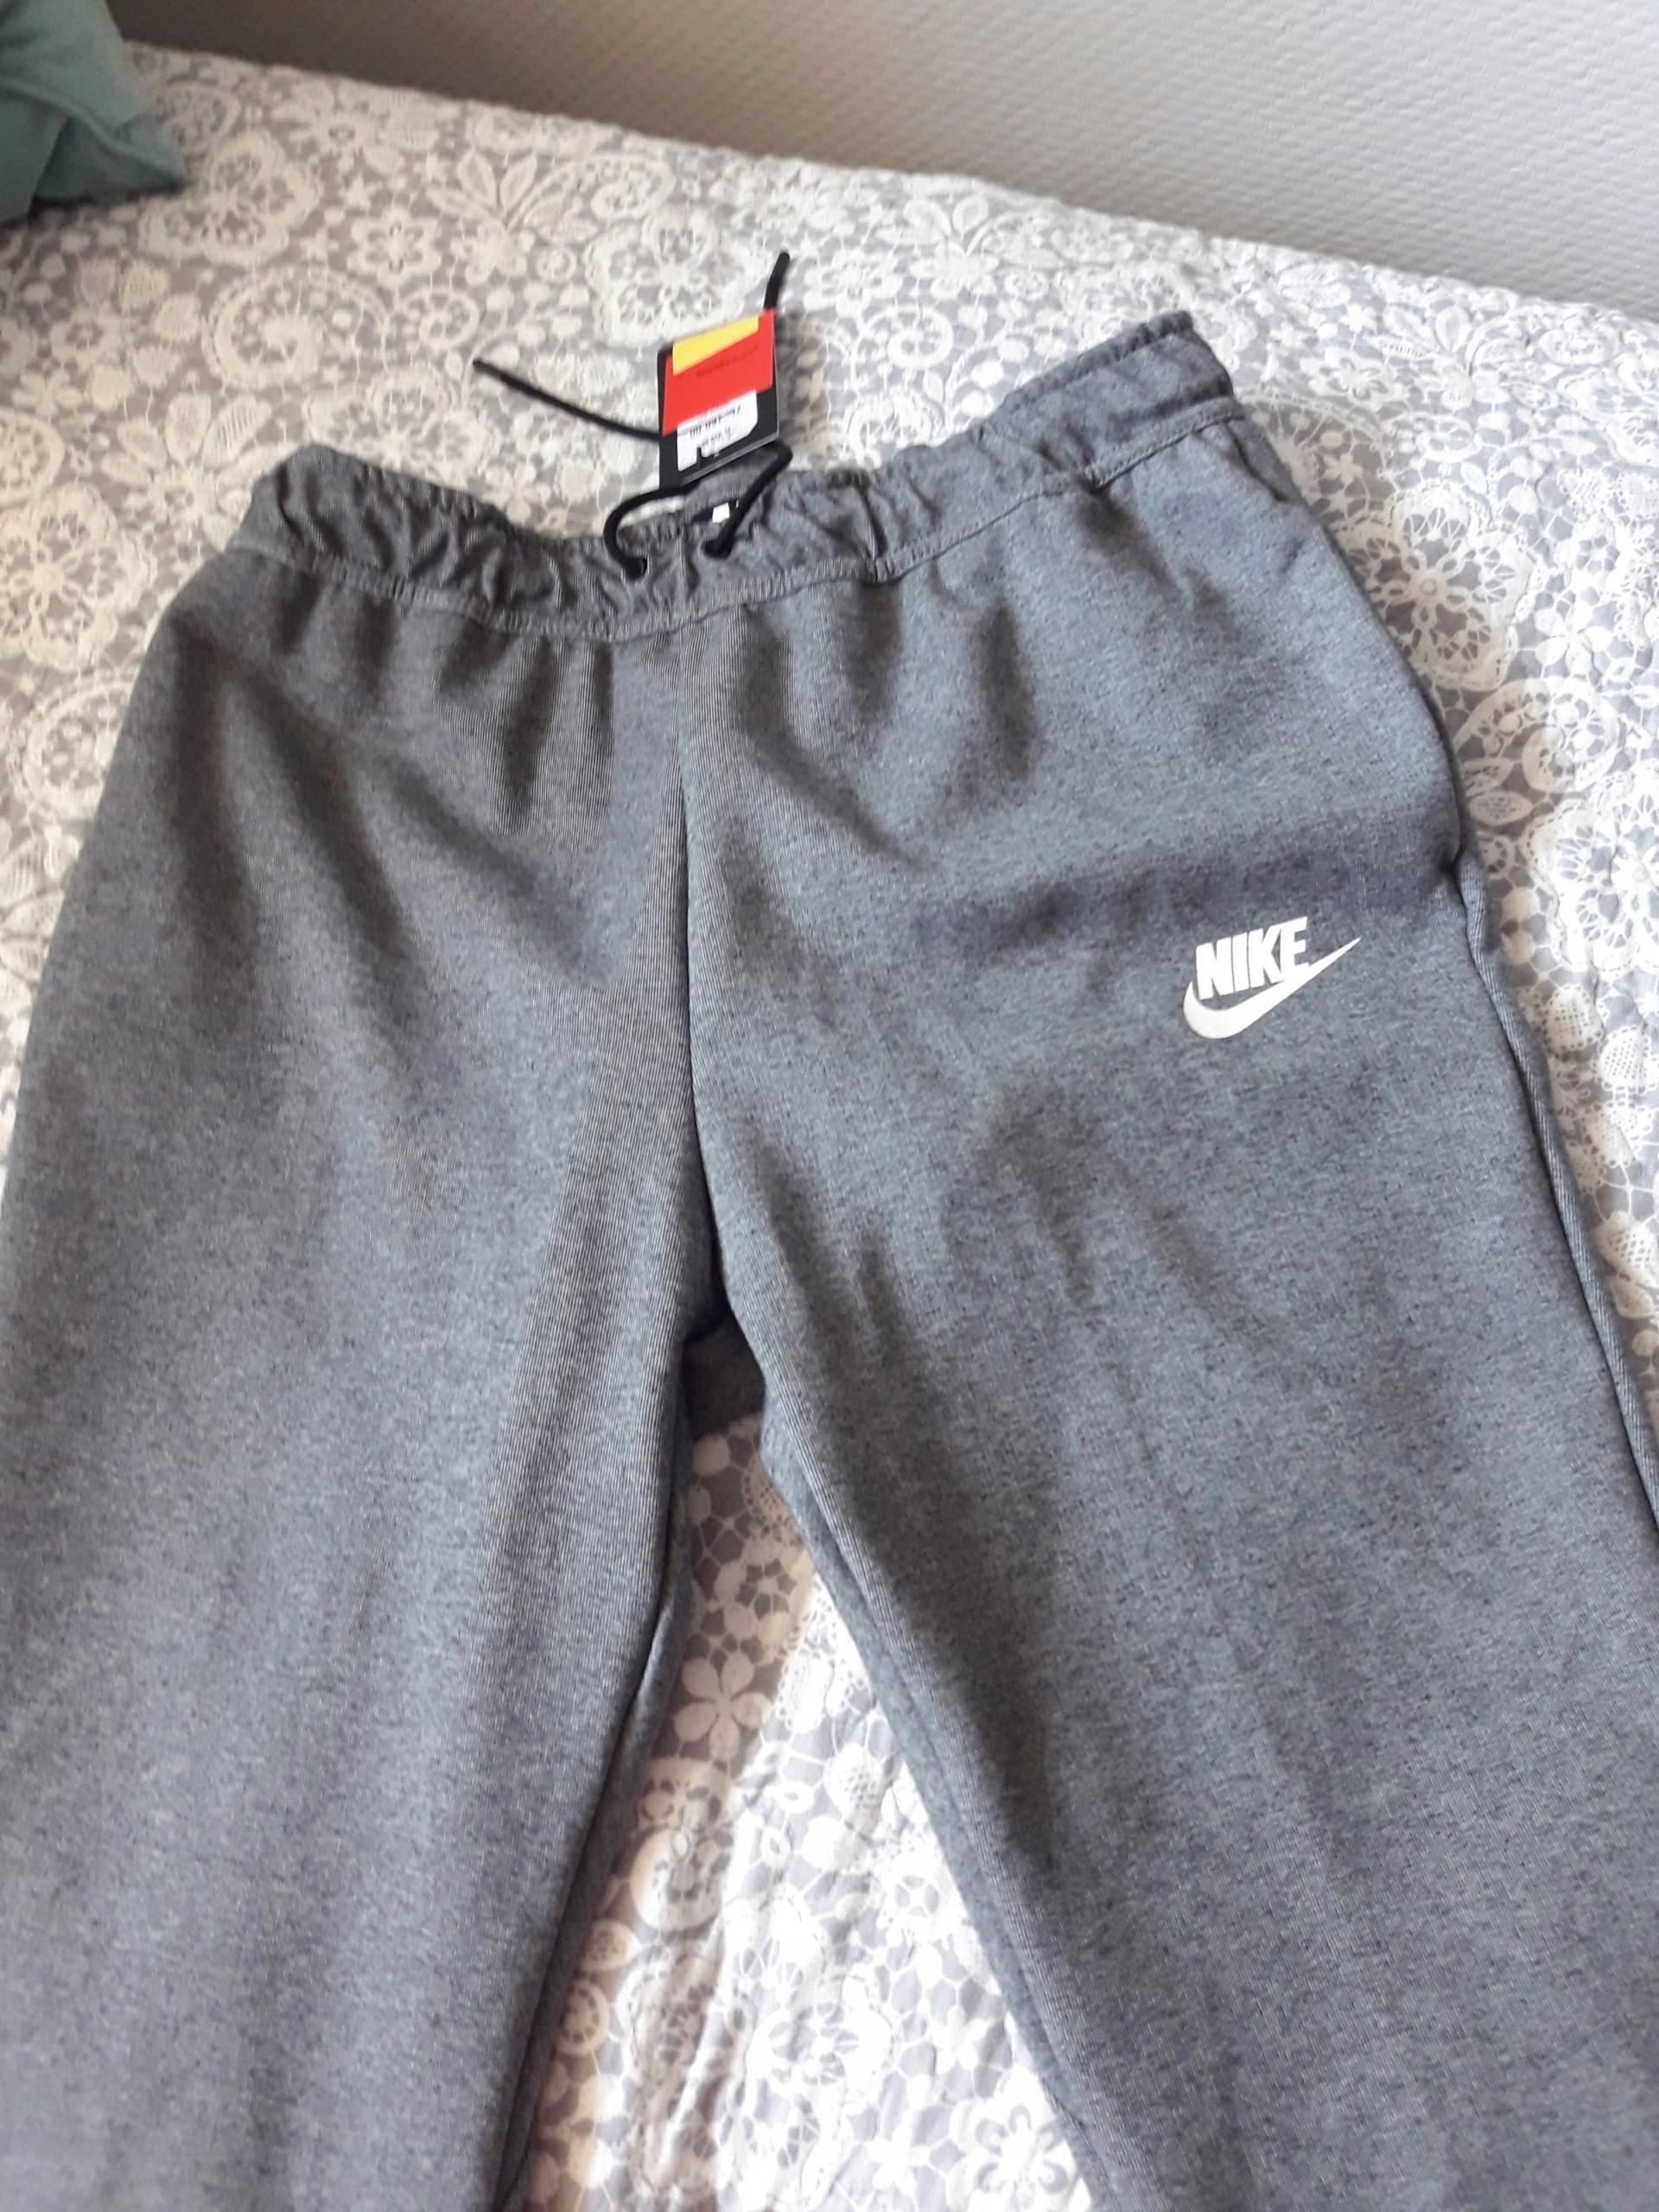 b486ee2aa dres spodnie dresowe nike damskie M nowe - 7493025755 - oficjalne ...